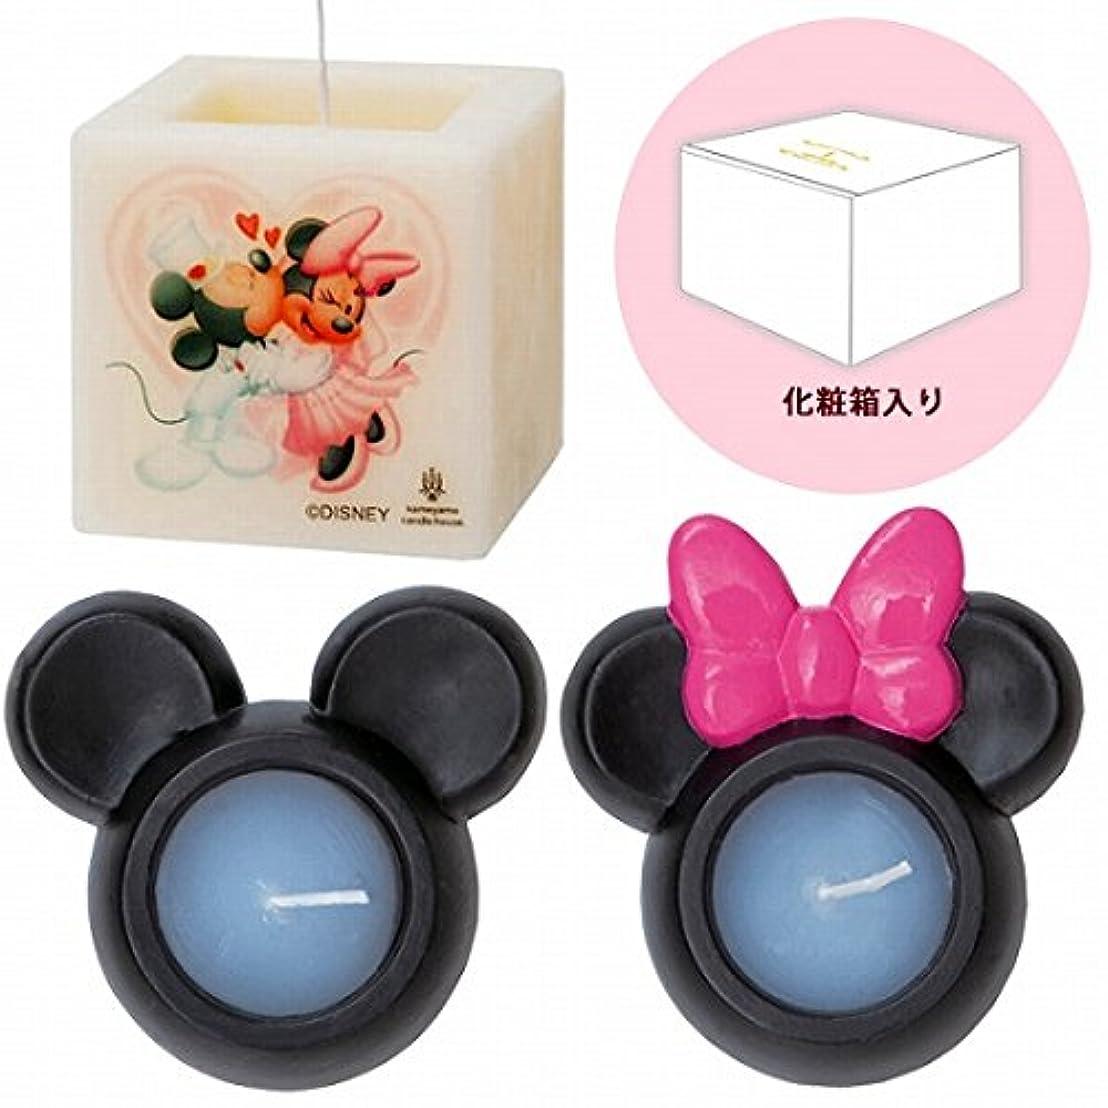 必要としている先住民気候カメヤマキャンドル( kameyama candle ) ミッキー&ミニーキャンドルセットM